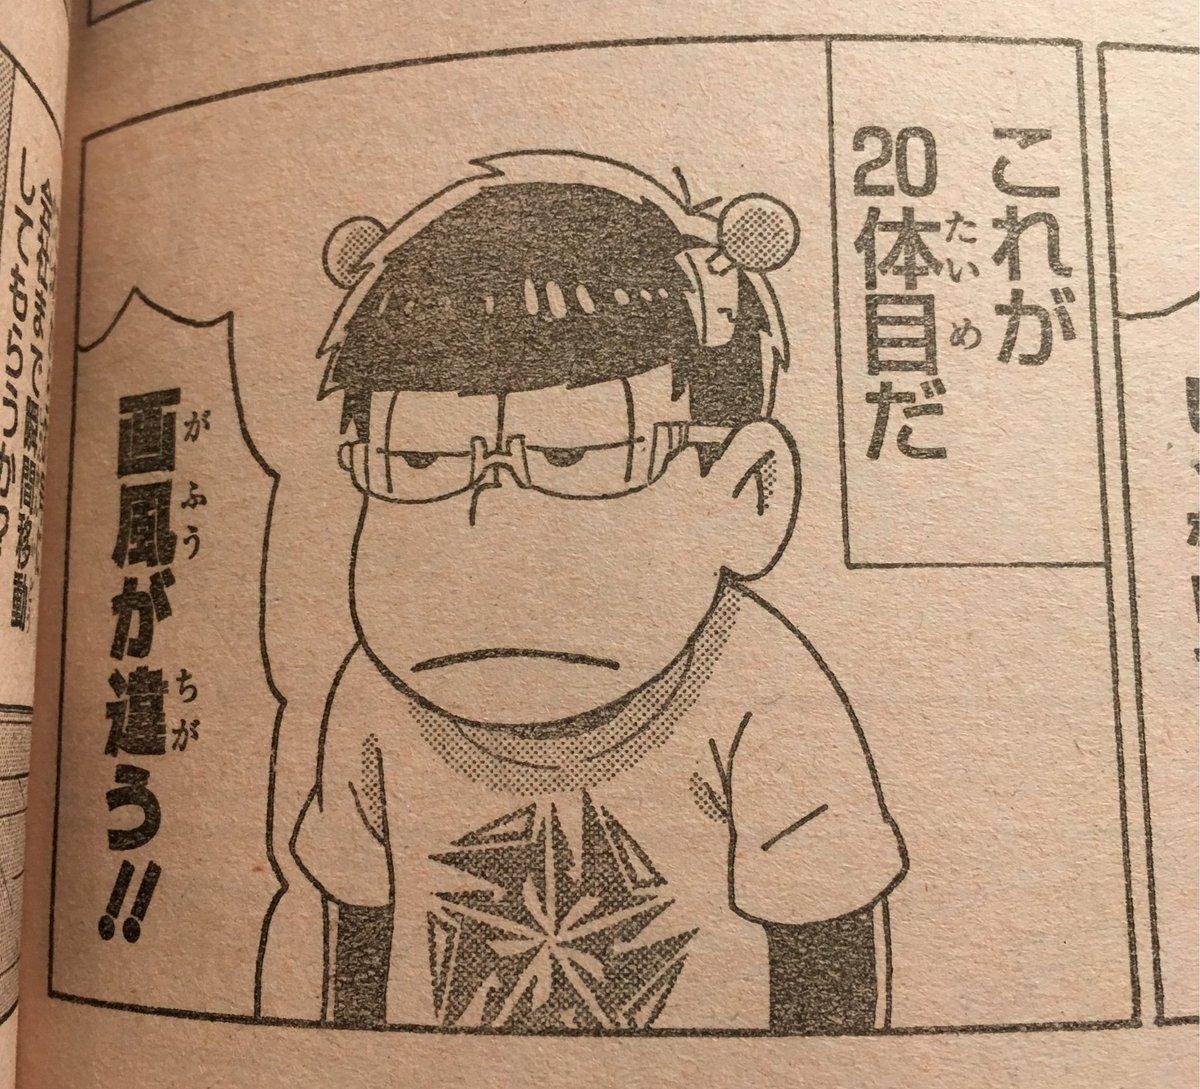 今週の斉木楠雄のΨ難に分身した斉木がいっぱいいたんだけどさ、なぜおそ松さんにしたwwwせめてチョロ松にしろよって思ってし